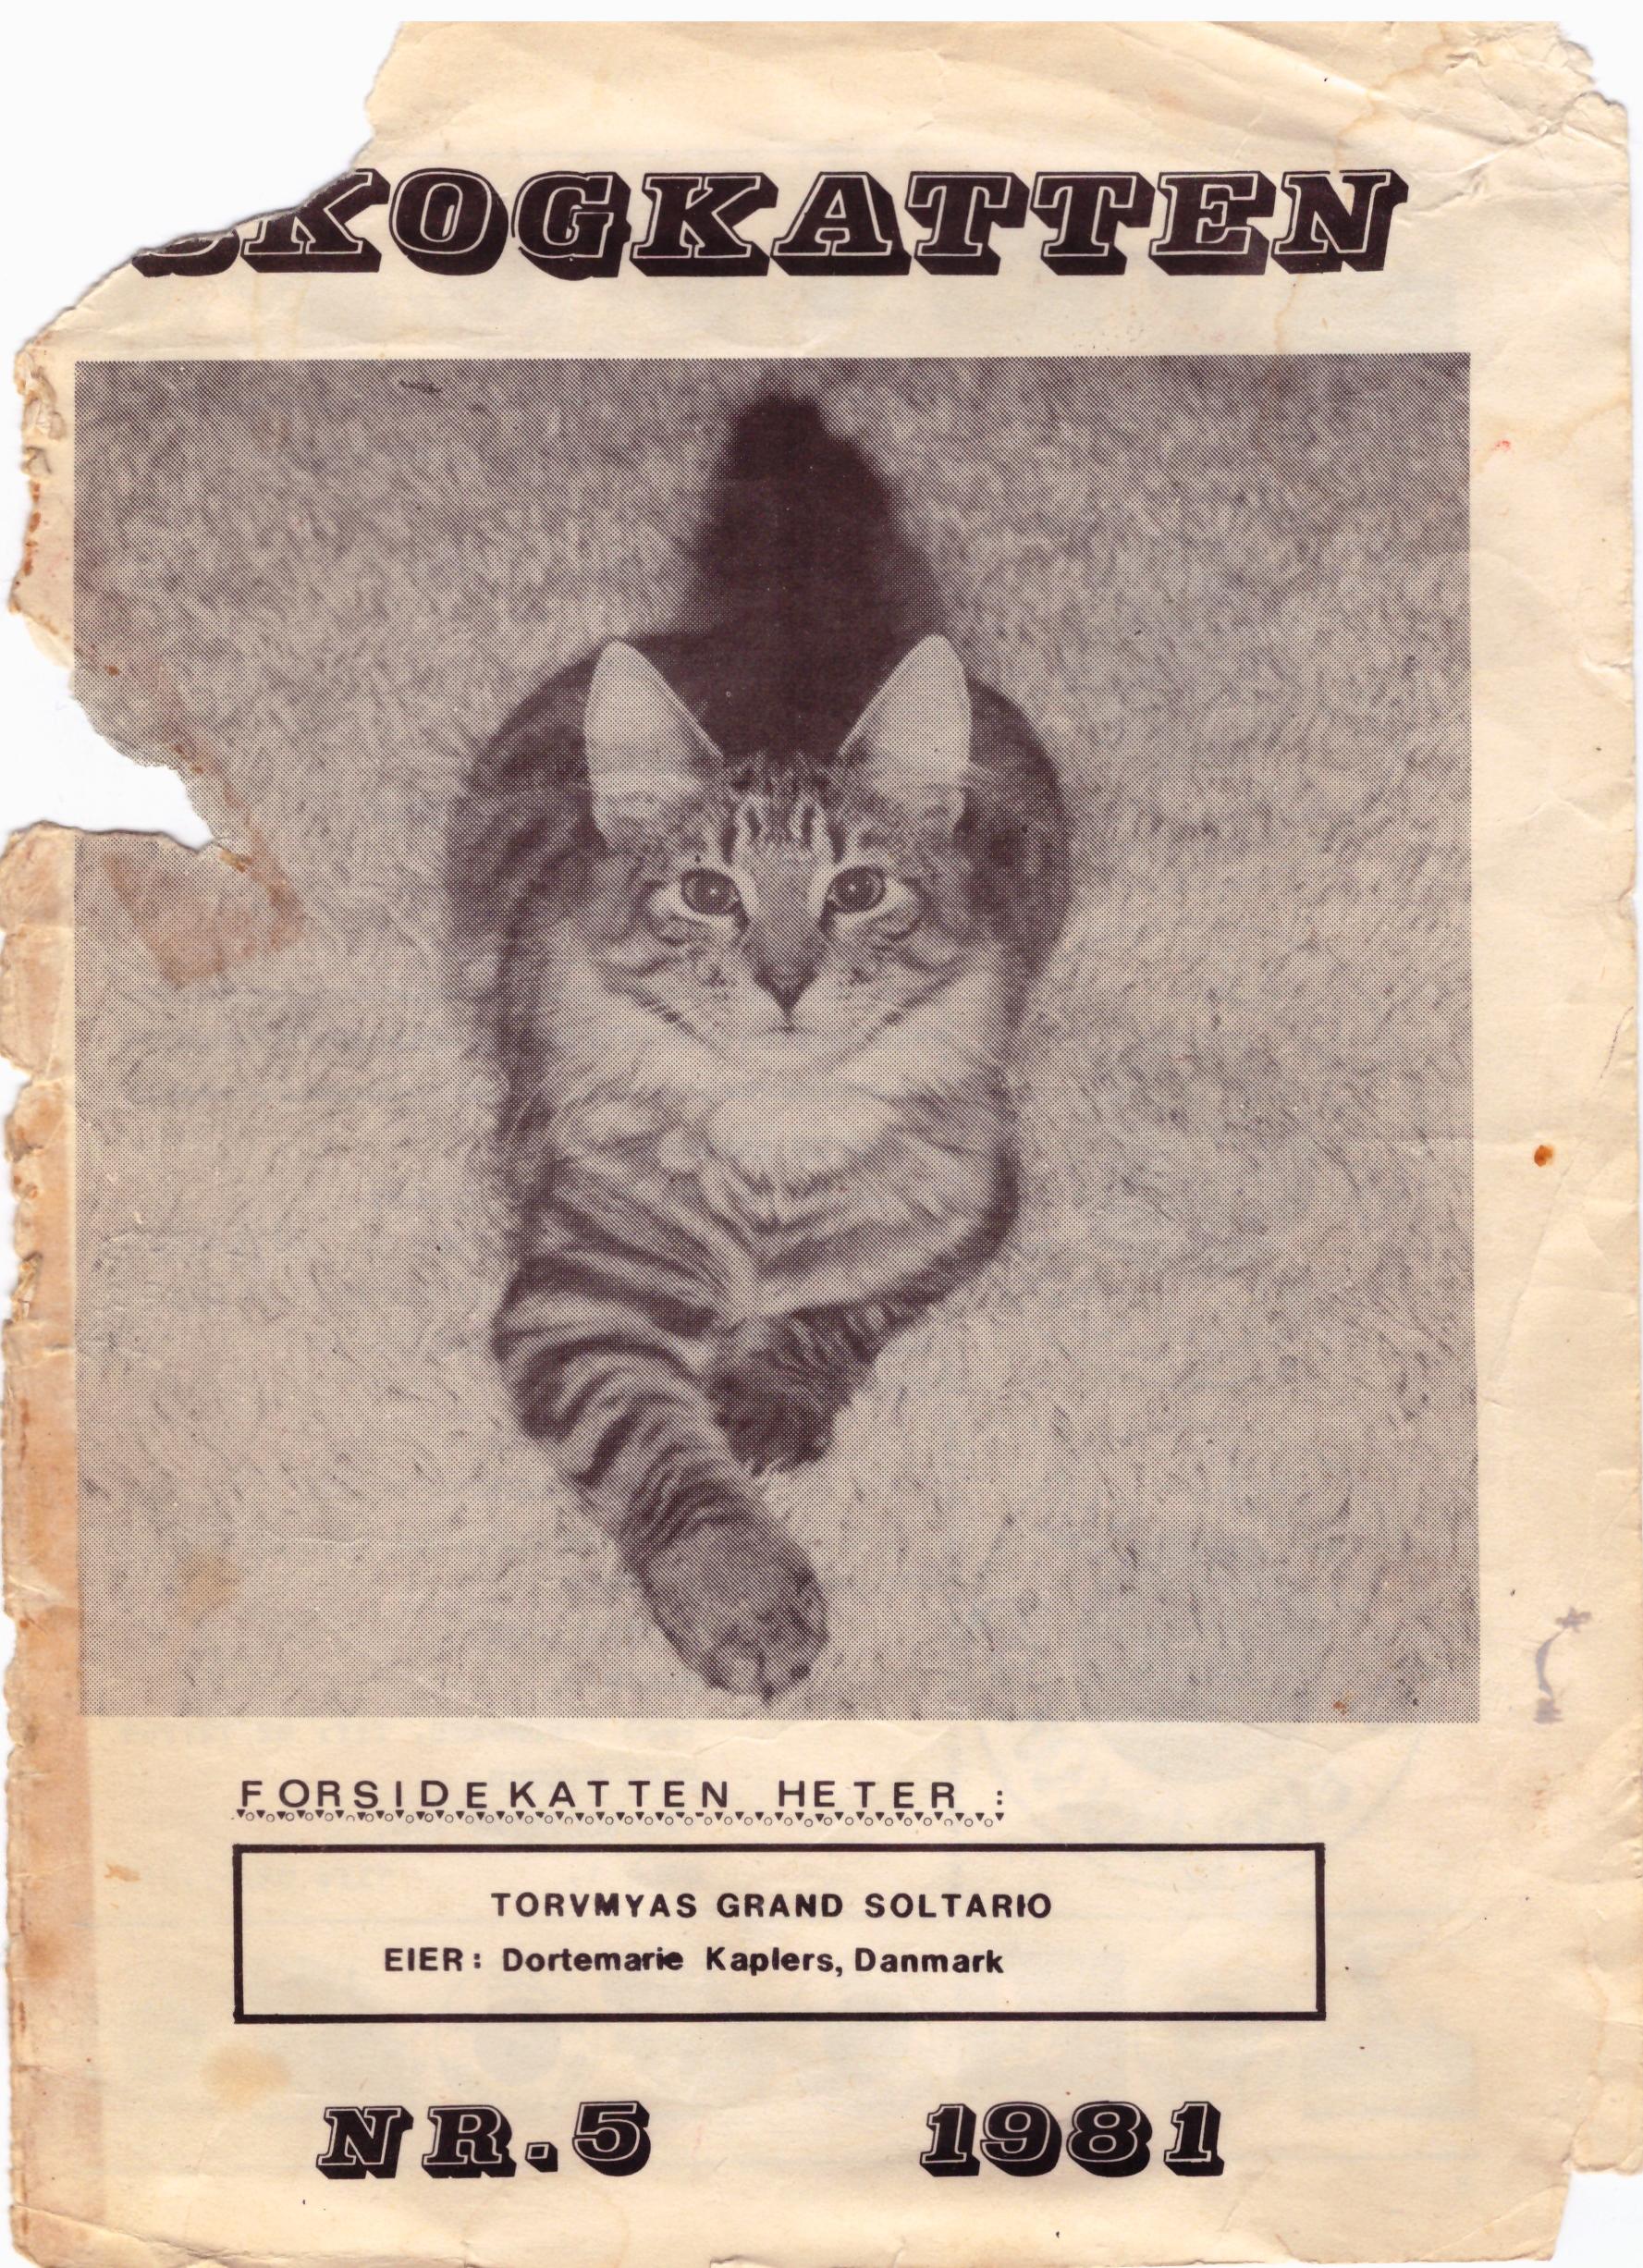 Torvemyra's Grand Soltatario, forsidekat 1981